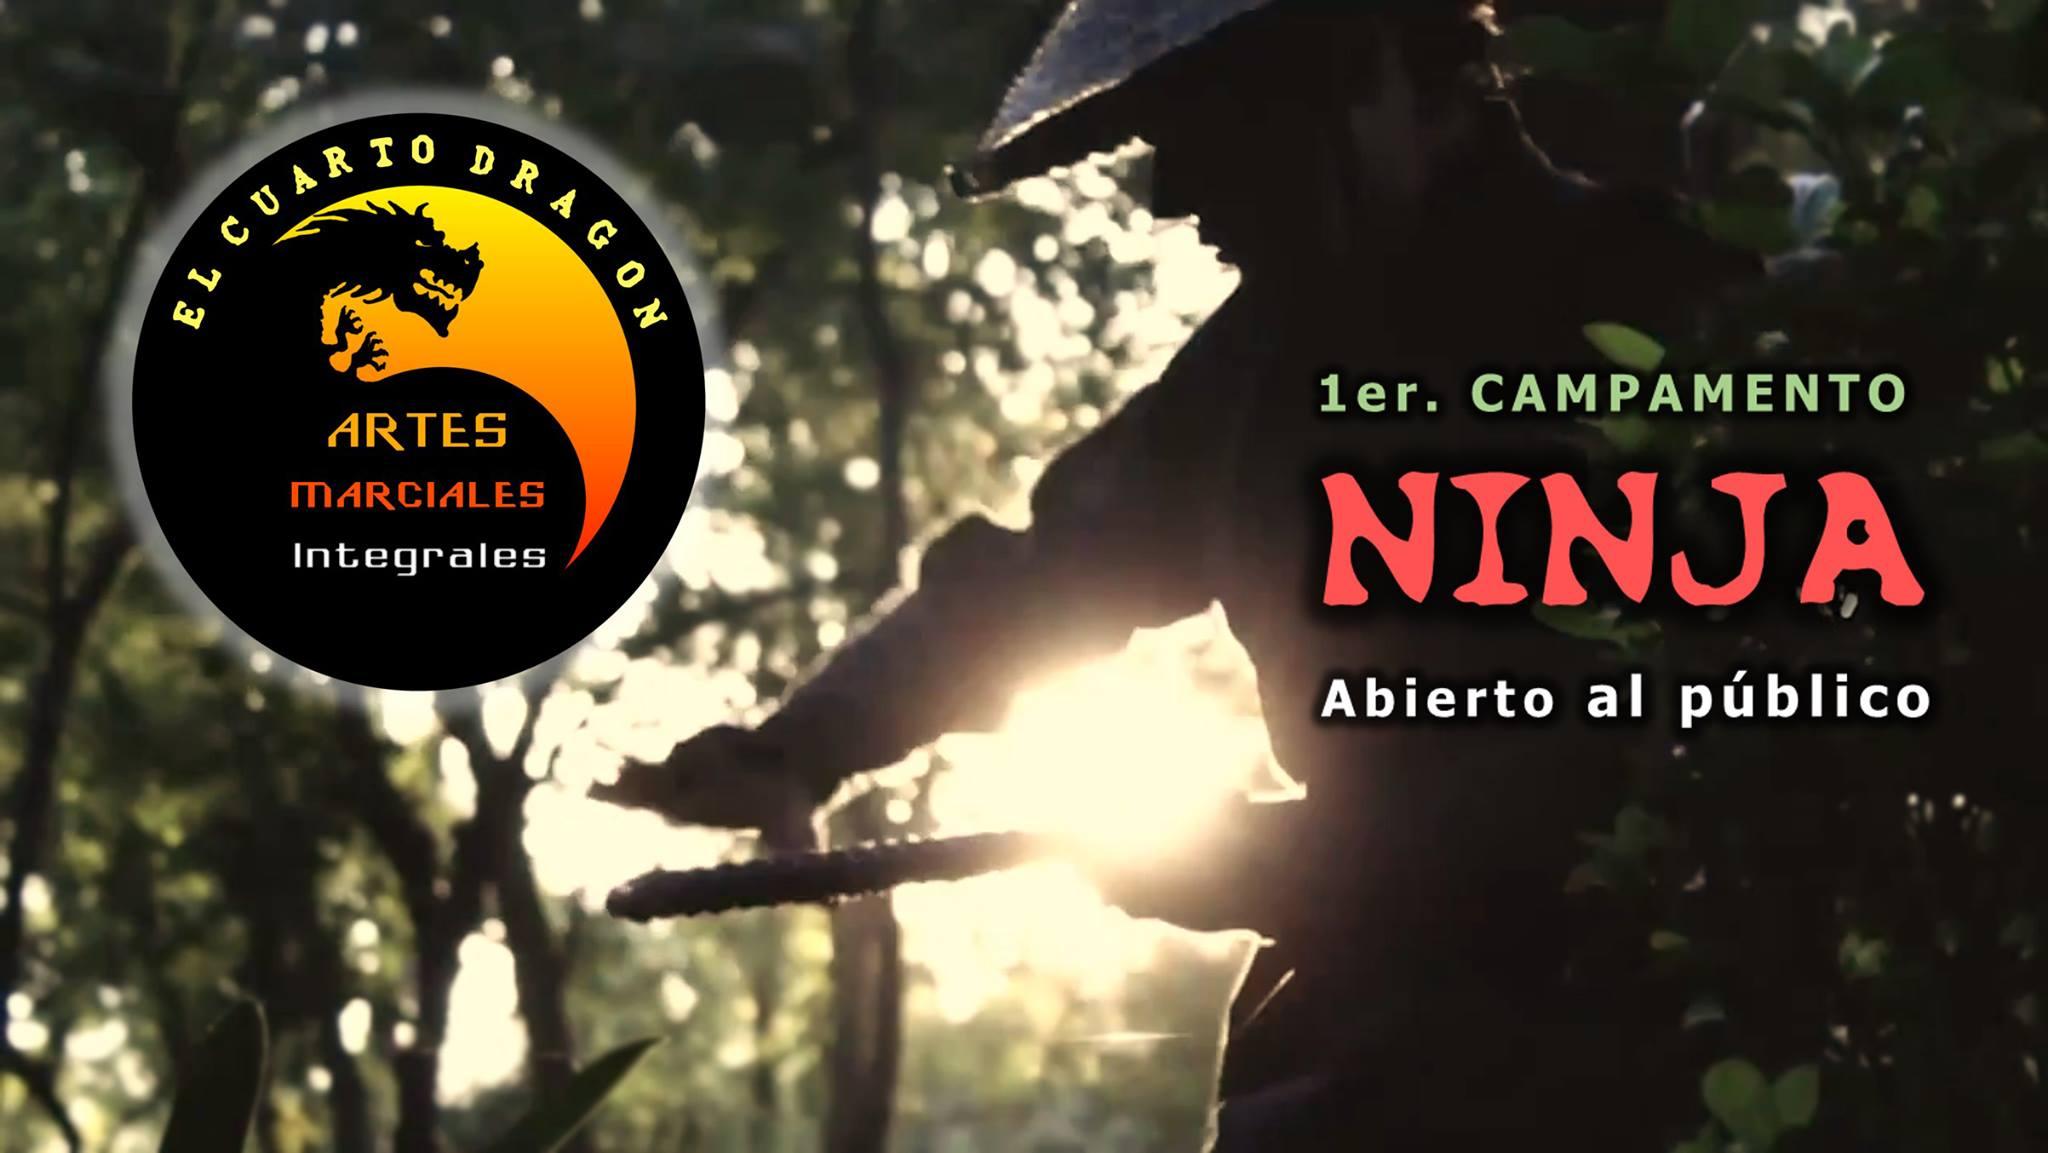 ¡Ven y vive una experiencia mística al estilo Ninja, por un fin de semana!